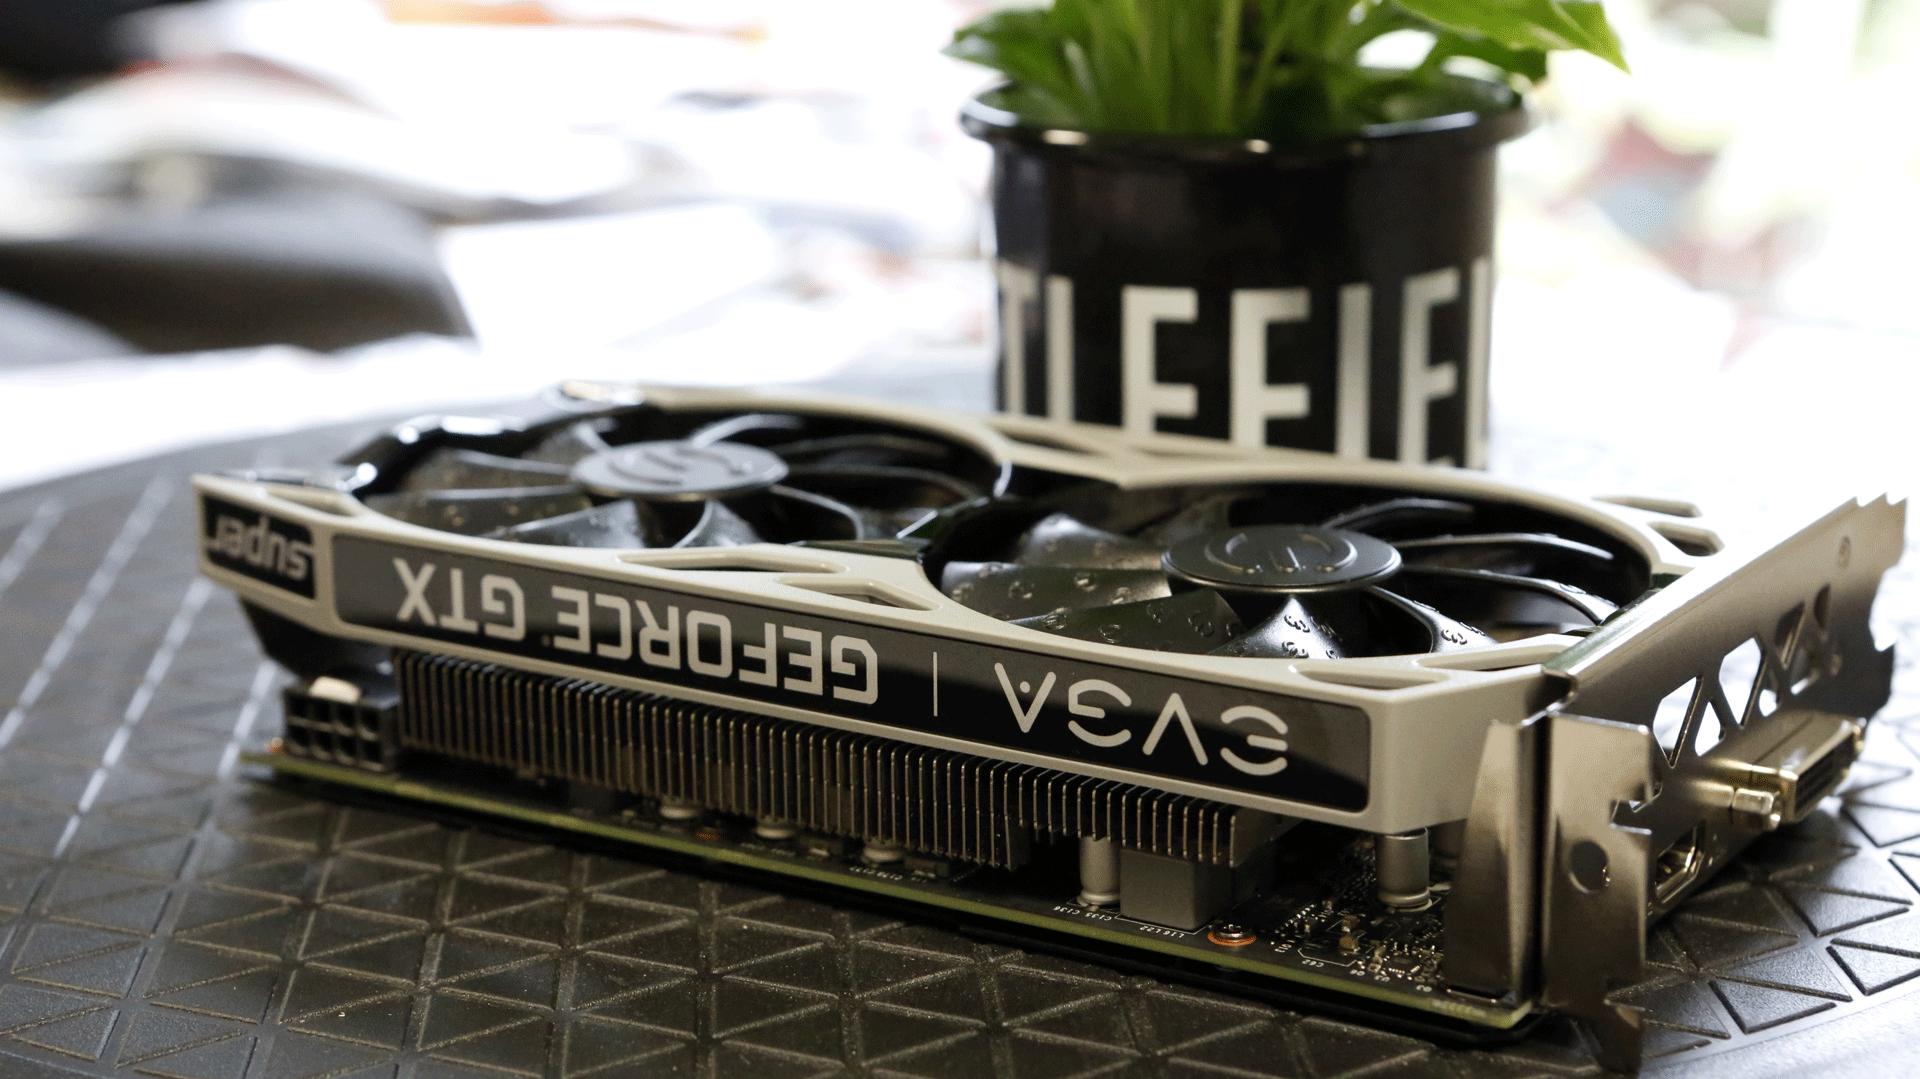 Nvidia GeForce GTX 1660 SUPER - erreferentziarik gabeko txartel grafikoen proba